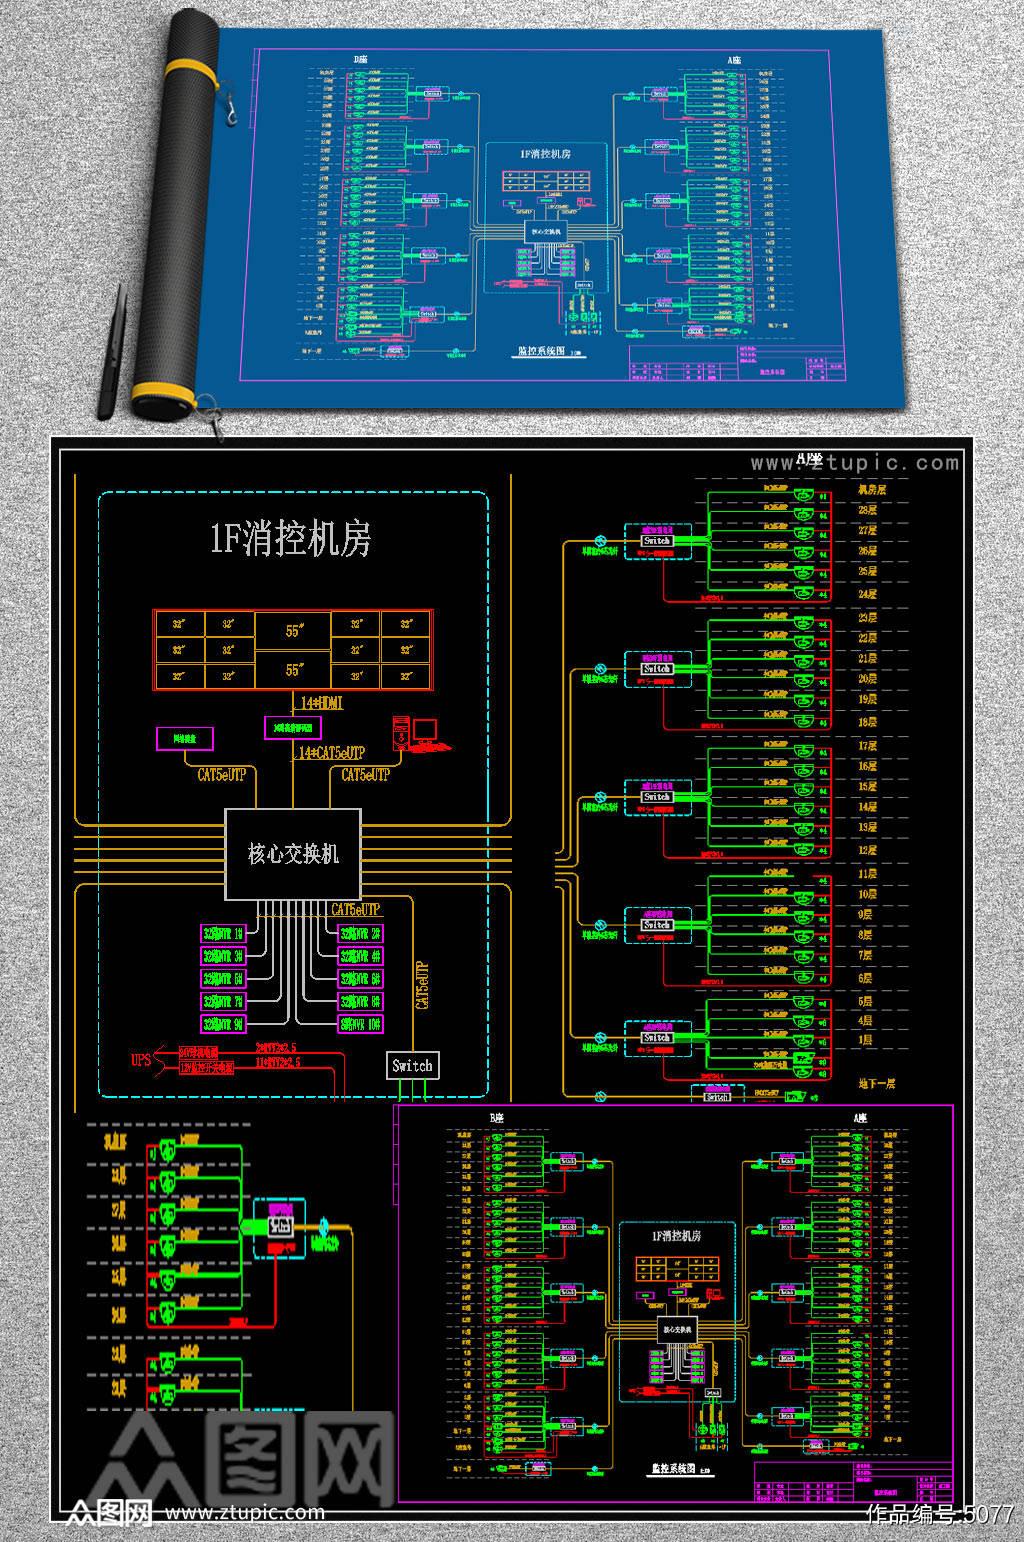 原创网络监控系统图模板CAD弱电智能化素材